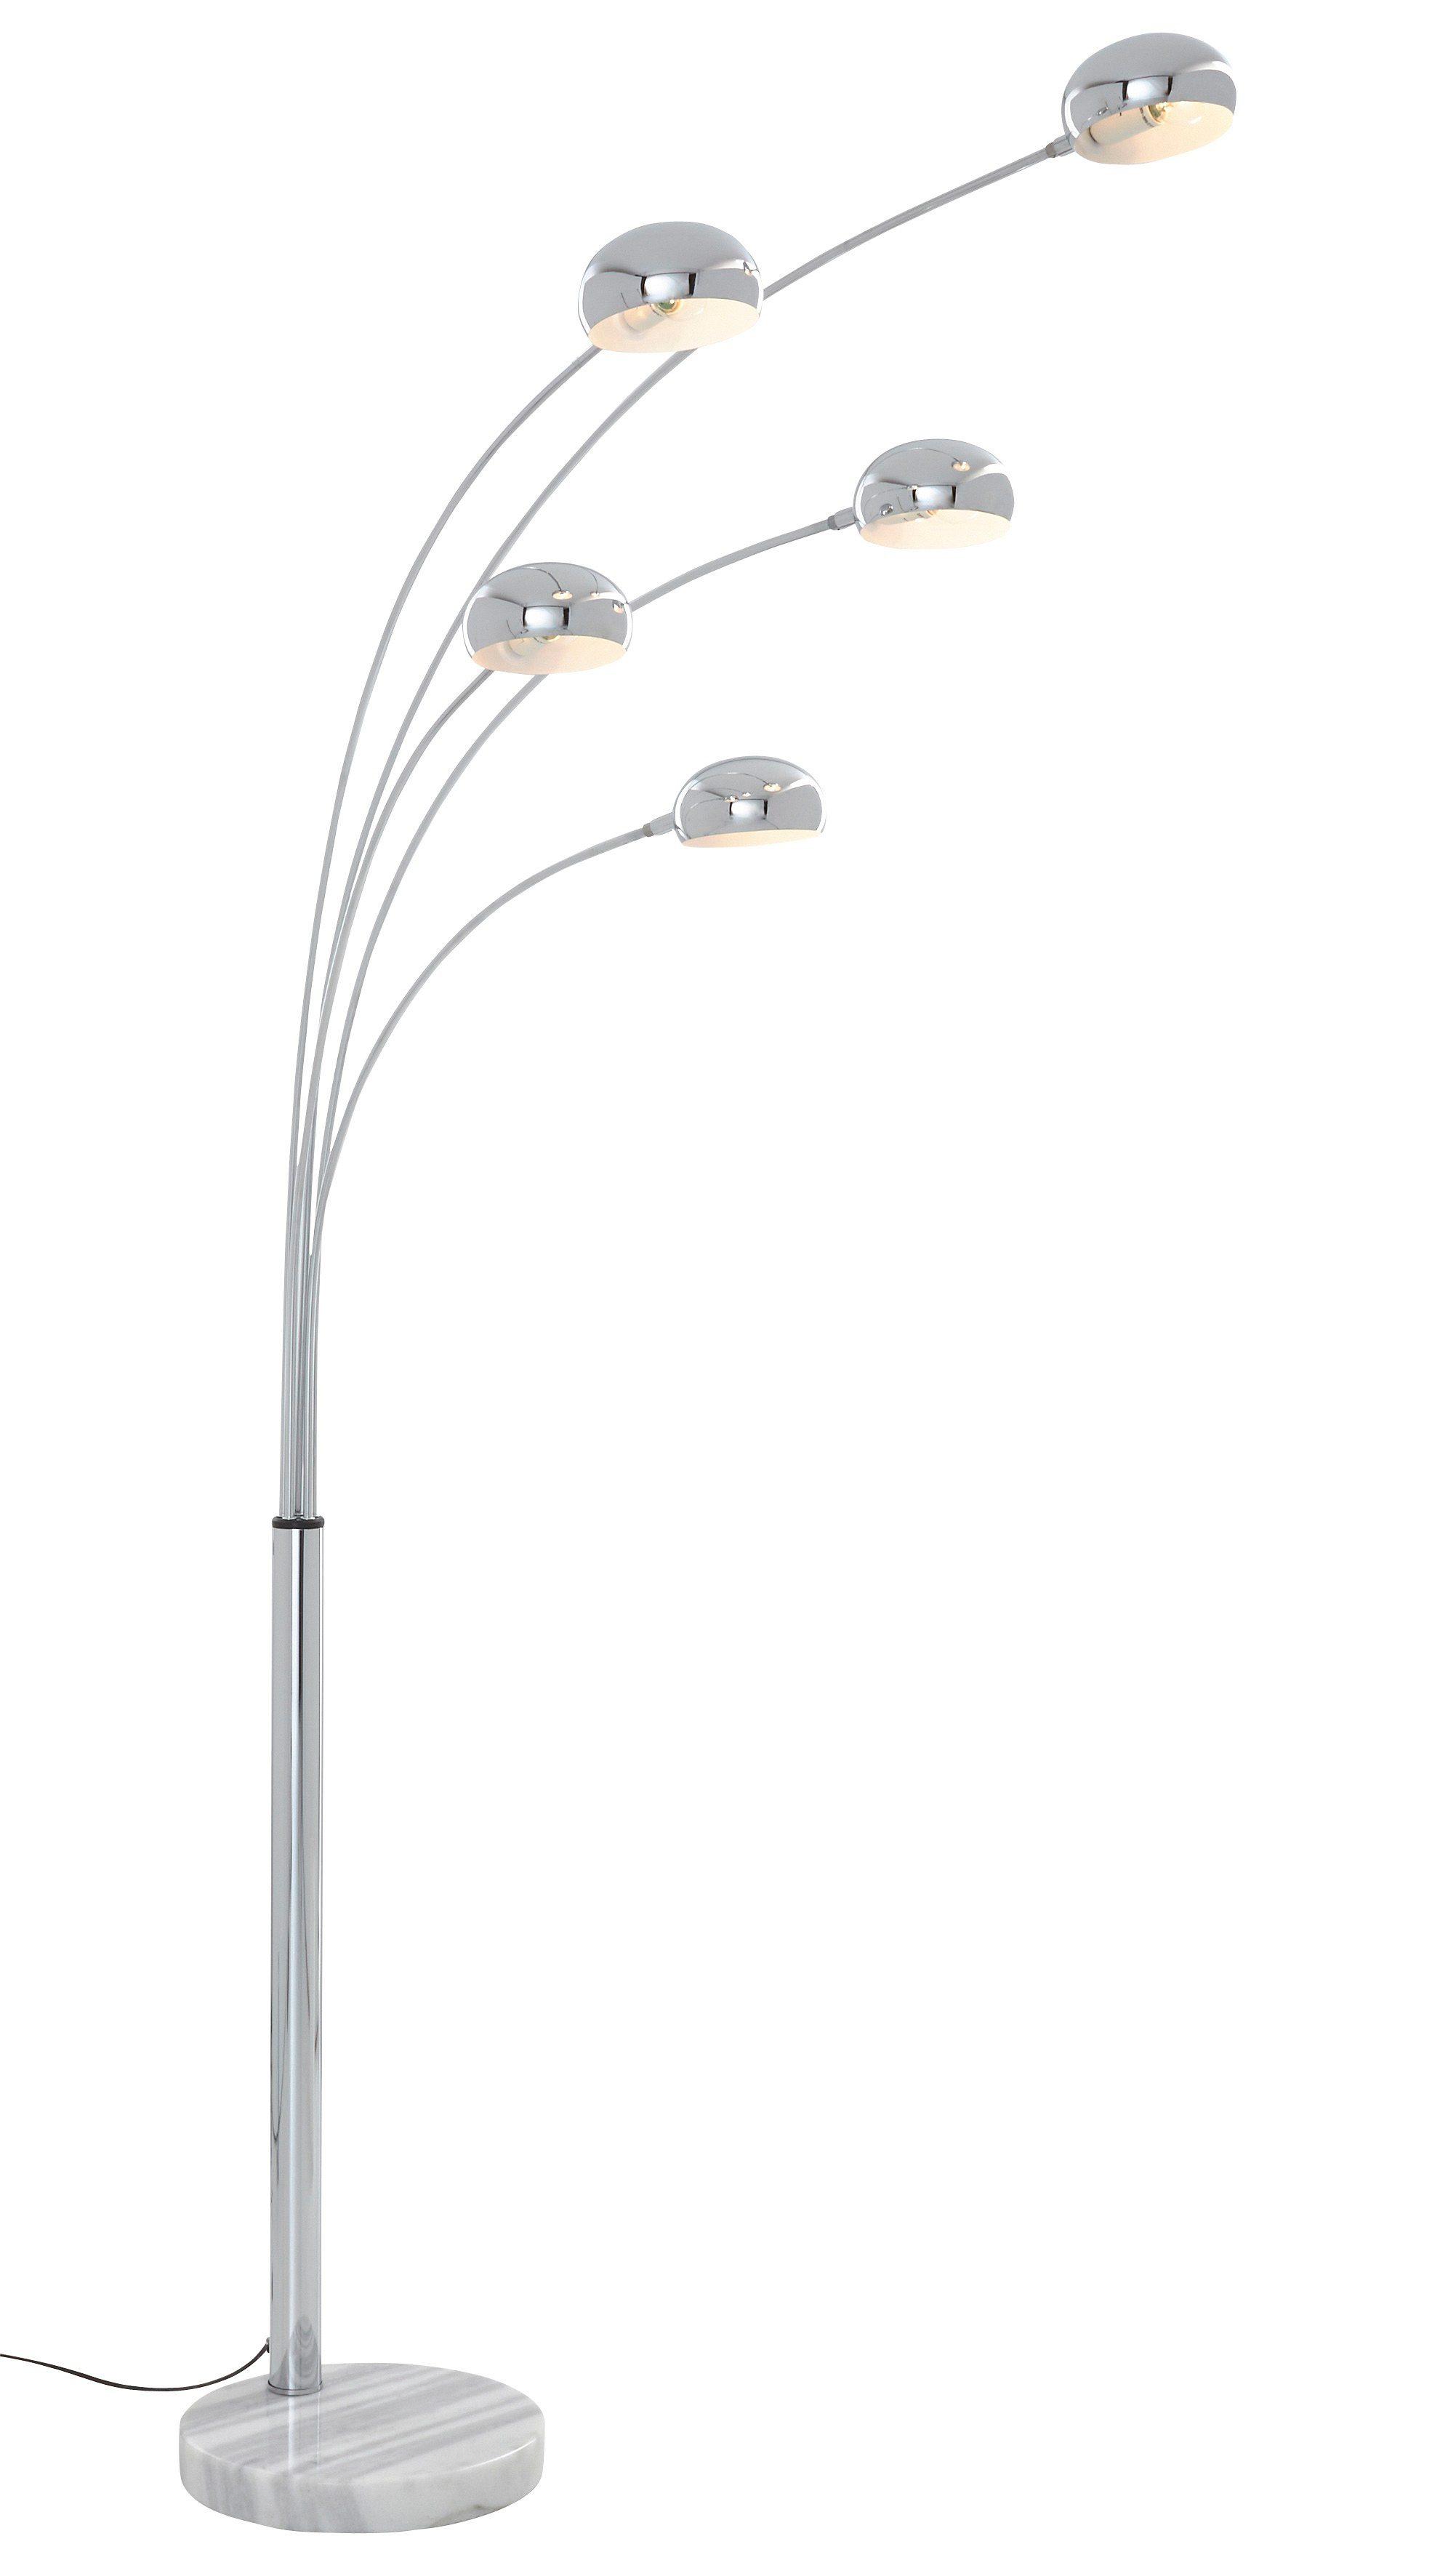 Bogenlampe, Trio. Die Leuchte ist geeignet für Leuchtmittel der EEK A++ bis E